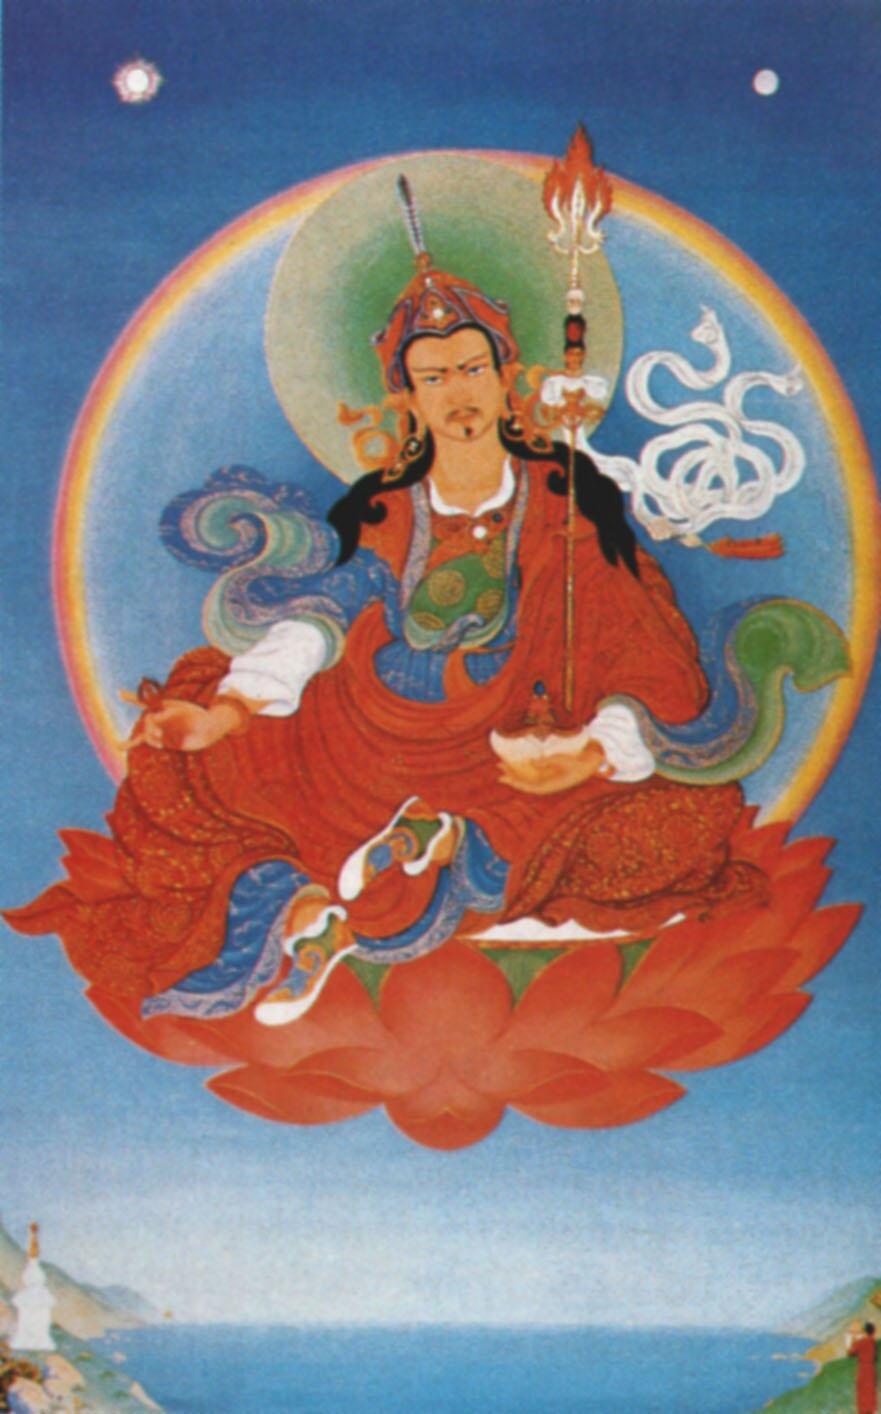 http://abhidharma.ru/A/Guru%20Mahasiddhi/Content/Padmacambhav/0001/0006.jpg